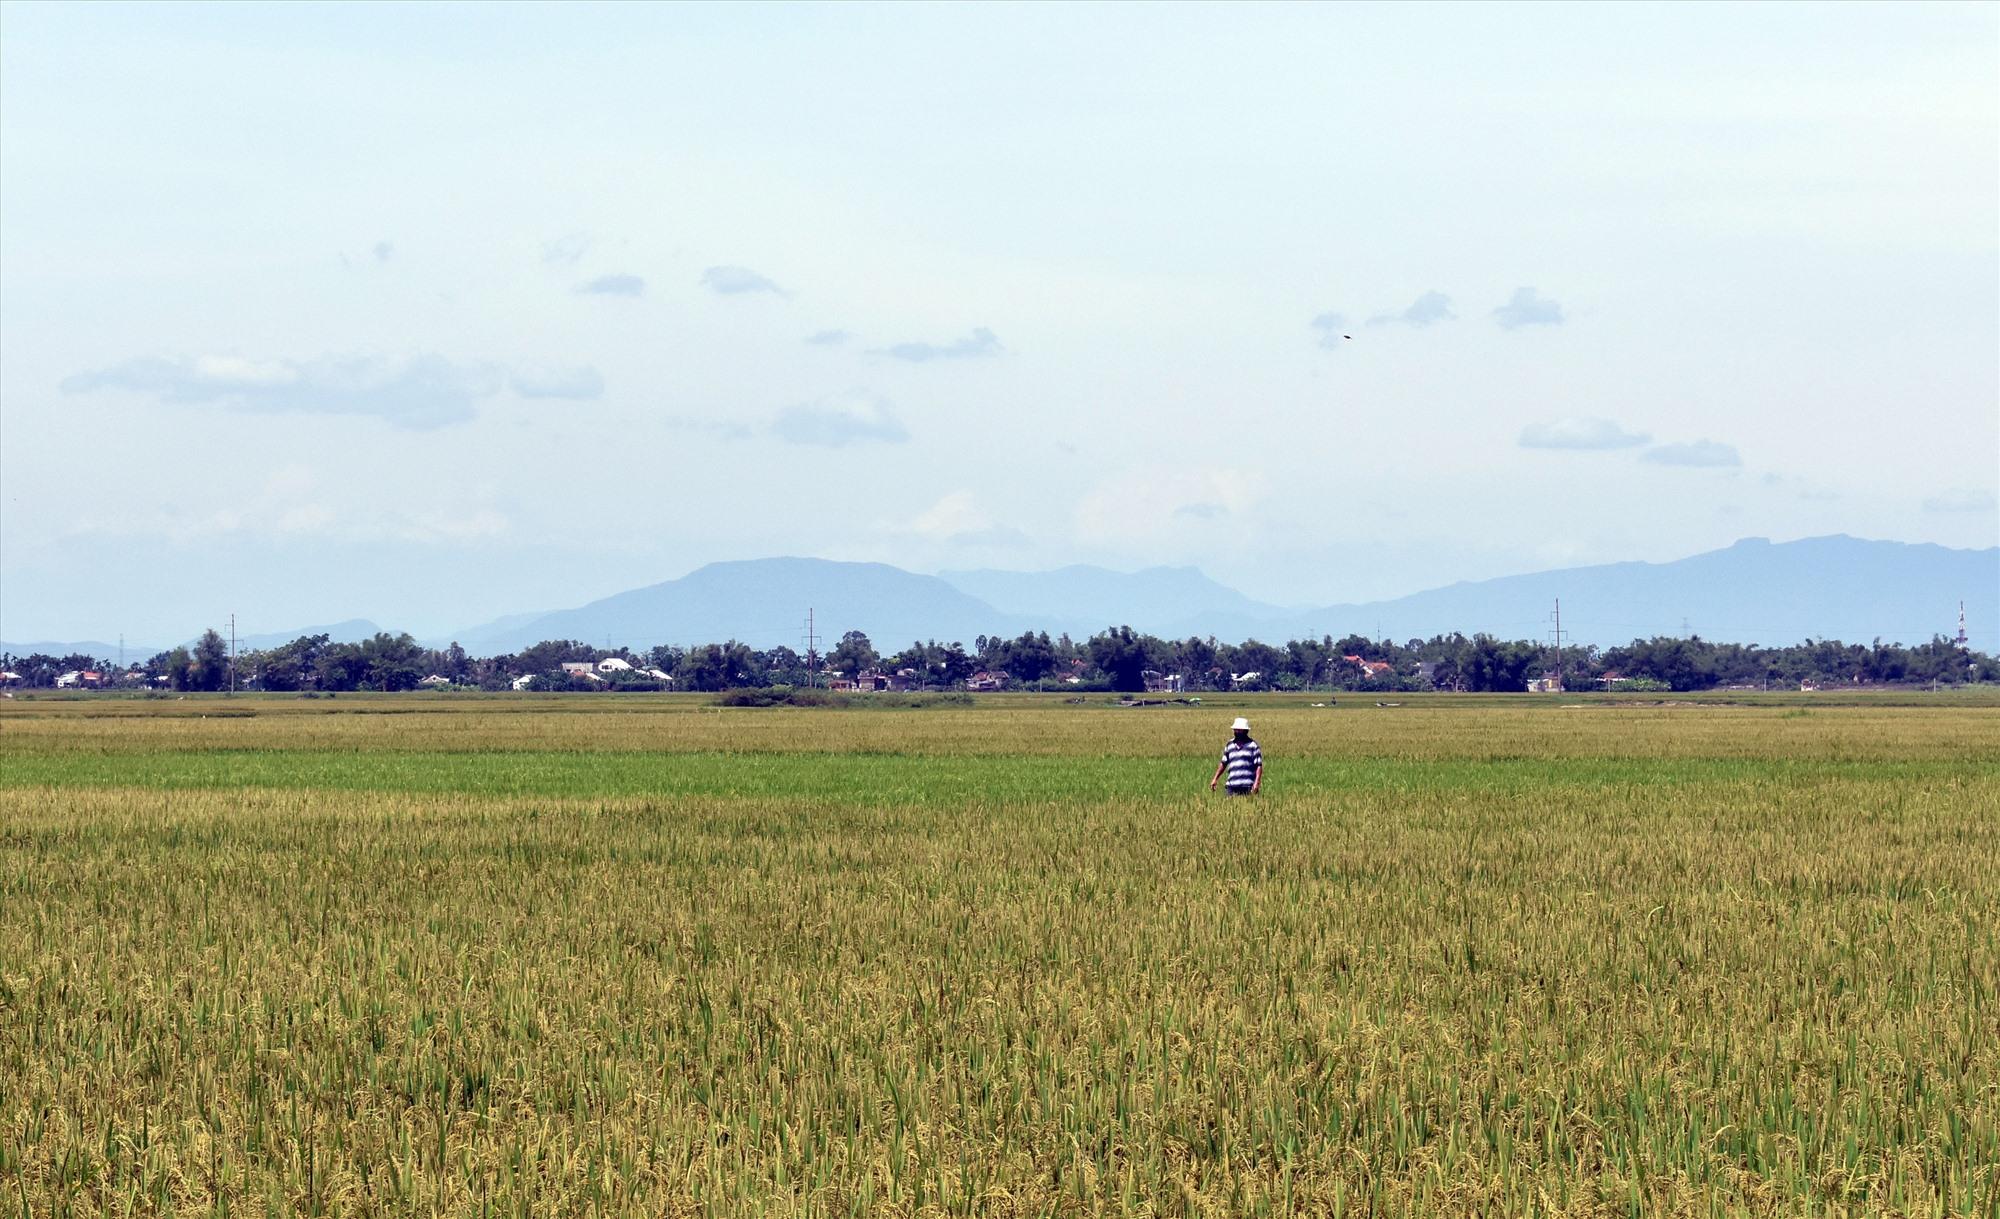 Khoảng 41,5 nghìn ha lúa của tỉnh bị ảnh hưởng do phân tăng giá